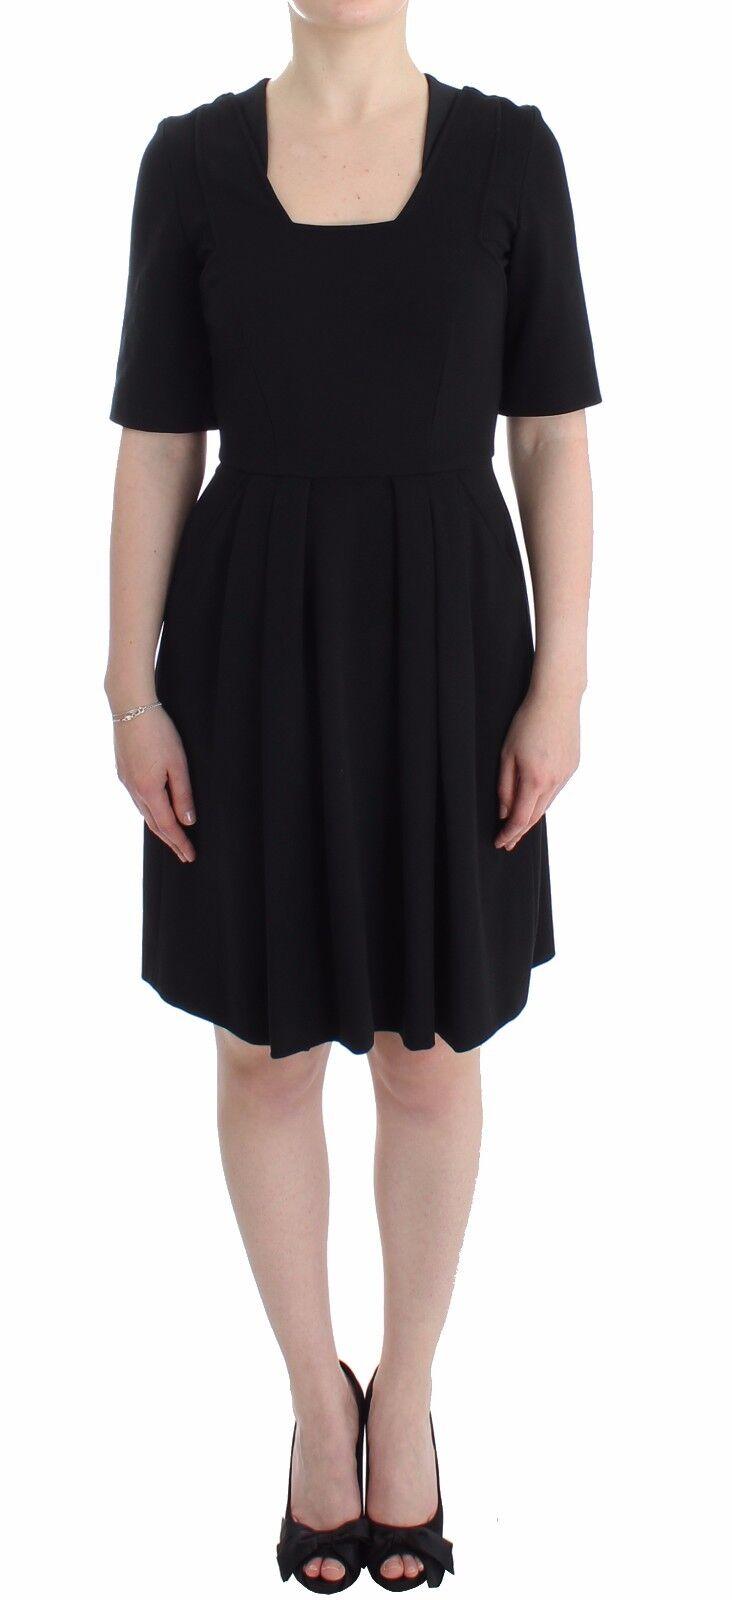 nouveau Co te robe noir à hommeches courtes Vénus Maj gaine solide S. IT40 US 6